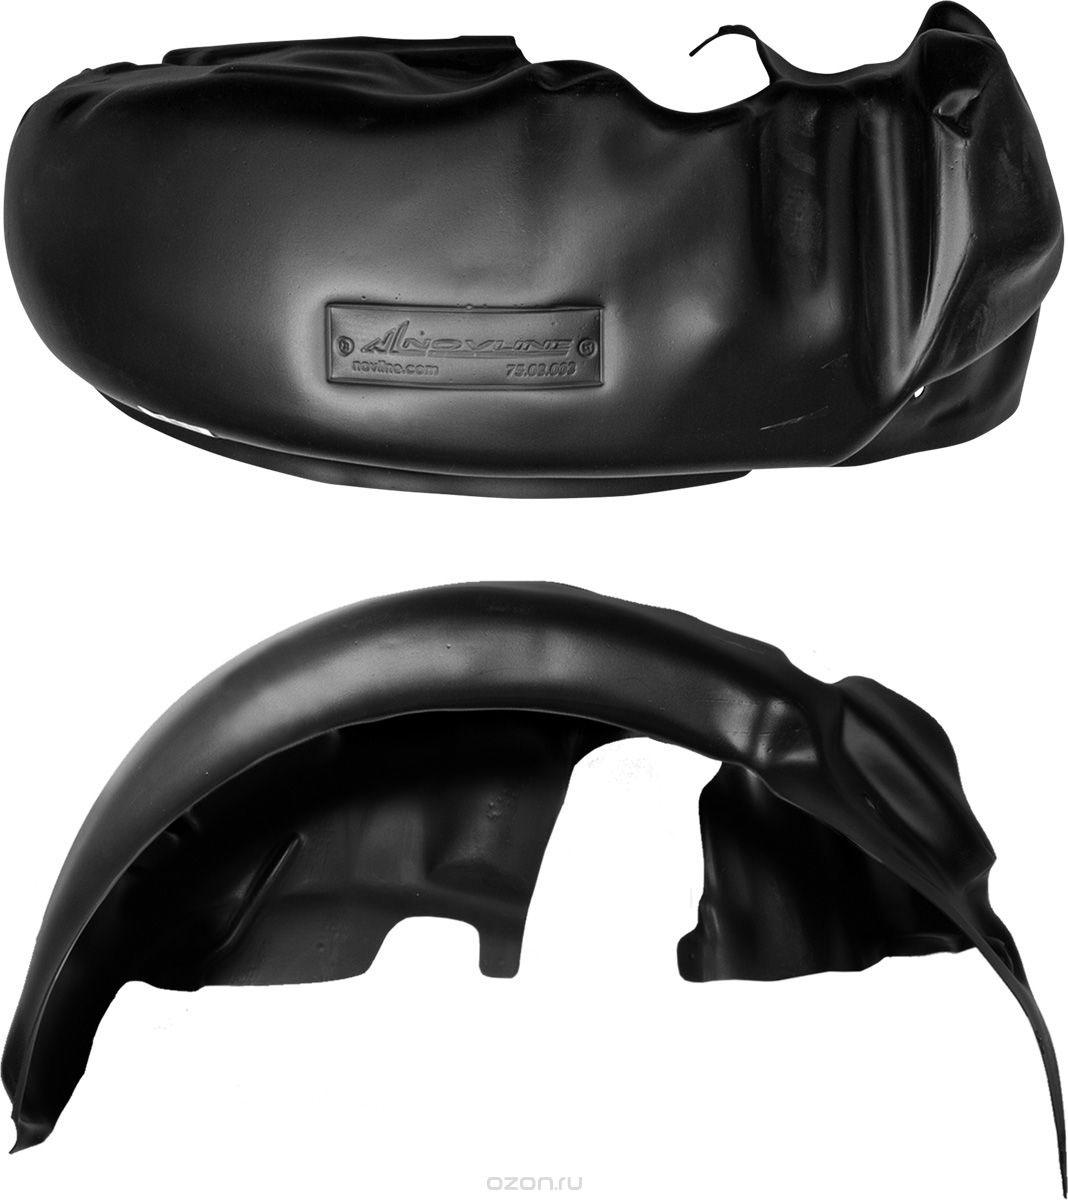 Подкрылок Novline-Autofamily, для MAZDA 6, 2012-2015, 2015->, задний правый44005003Идеальная защита колесной ниши. Локеры разработаны с применением цифровых технологий, гарантируют максимальную повторяемость поверхности арки. Изделия устанавливаются без нарушения лакокрасочного покрытия автомобиля, каждый подкрылок комплектуется крепежом. Уважаемые клиенты, обращаем ваше внимание, что фотографии на подкрылки универсальные и не отражают реальную форму изделия. При этом само изделие идет точно под размер указанного автомобиля.